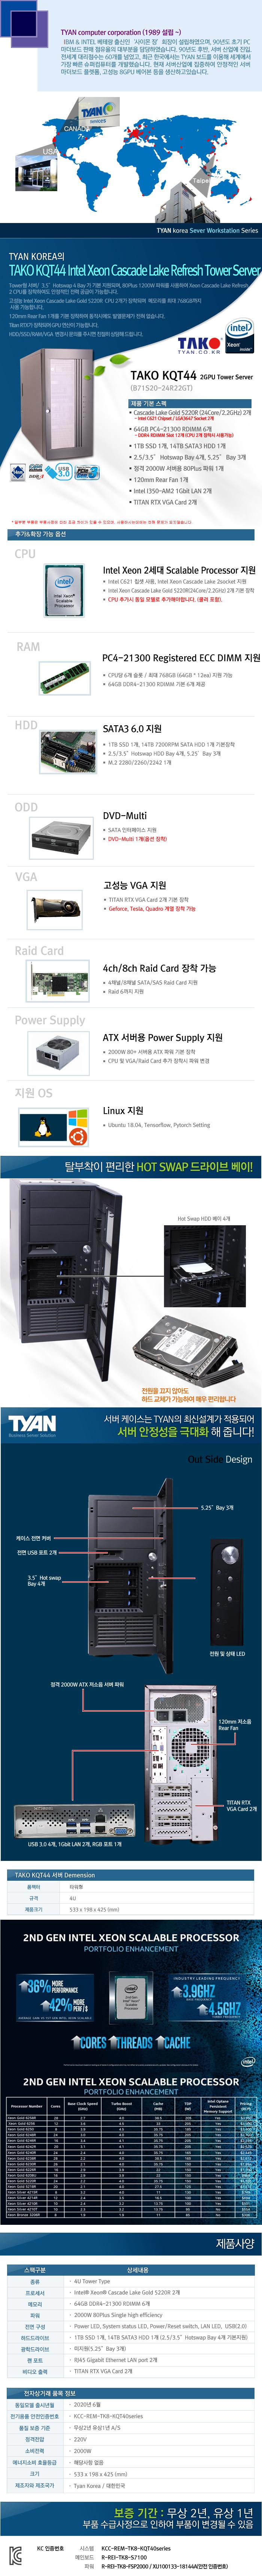 TYAN TAKO-KQT44-(B71S20-24R22GT)-2GPU (384GB, SSD 1TB + 14TB)